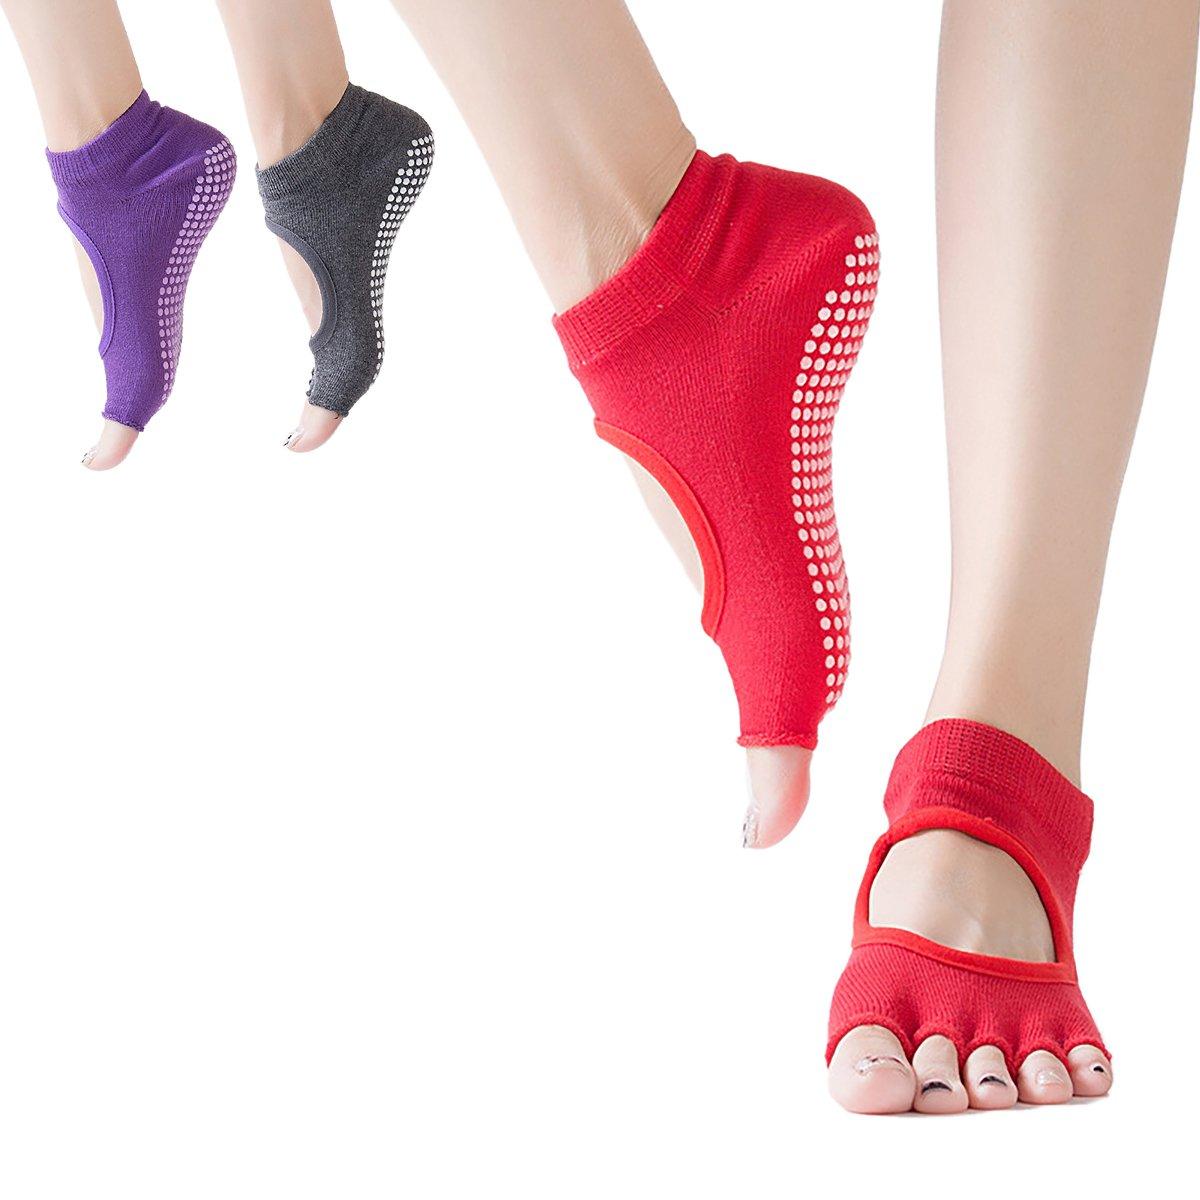 YF 3 Pairs Women Toeless Non Slip Yoga Grip Socks for Pilates, Ballet Barre 0AF0SA2C1O